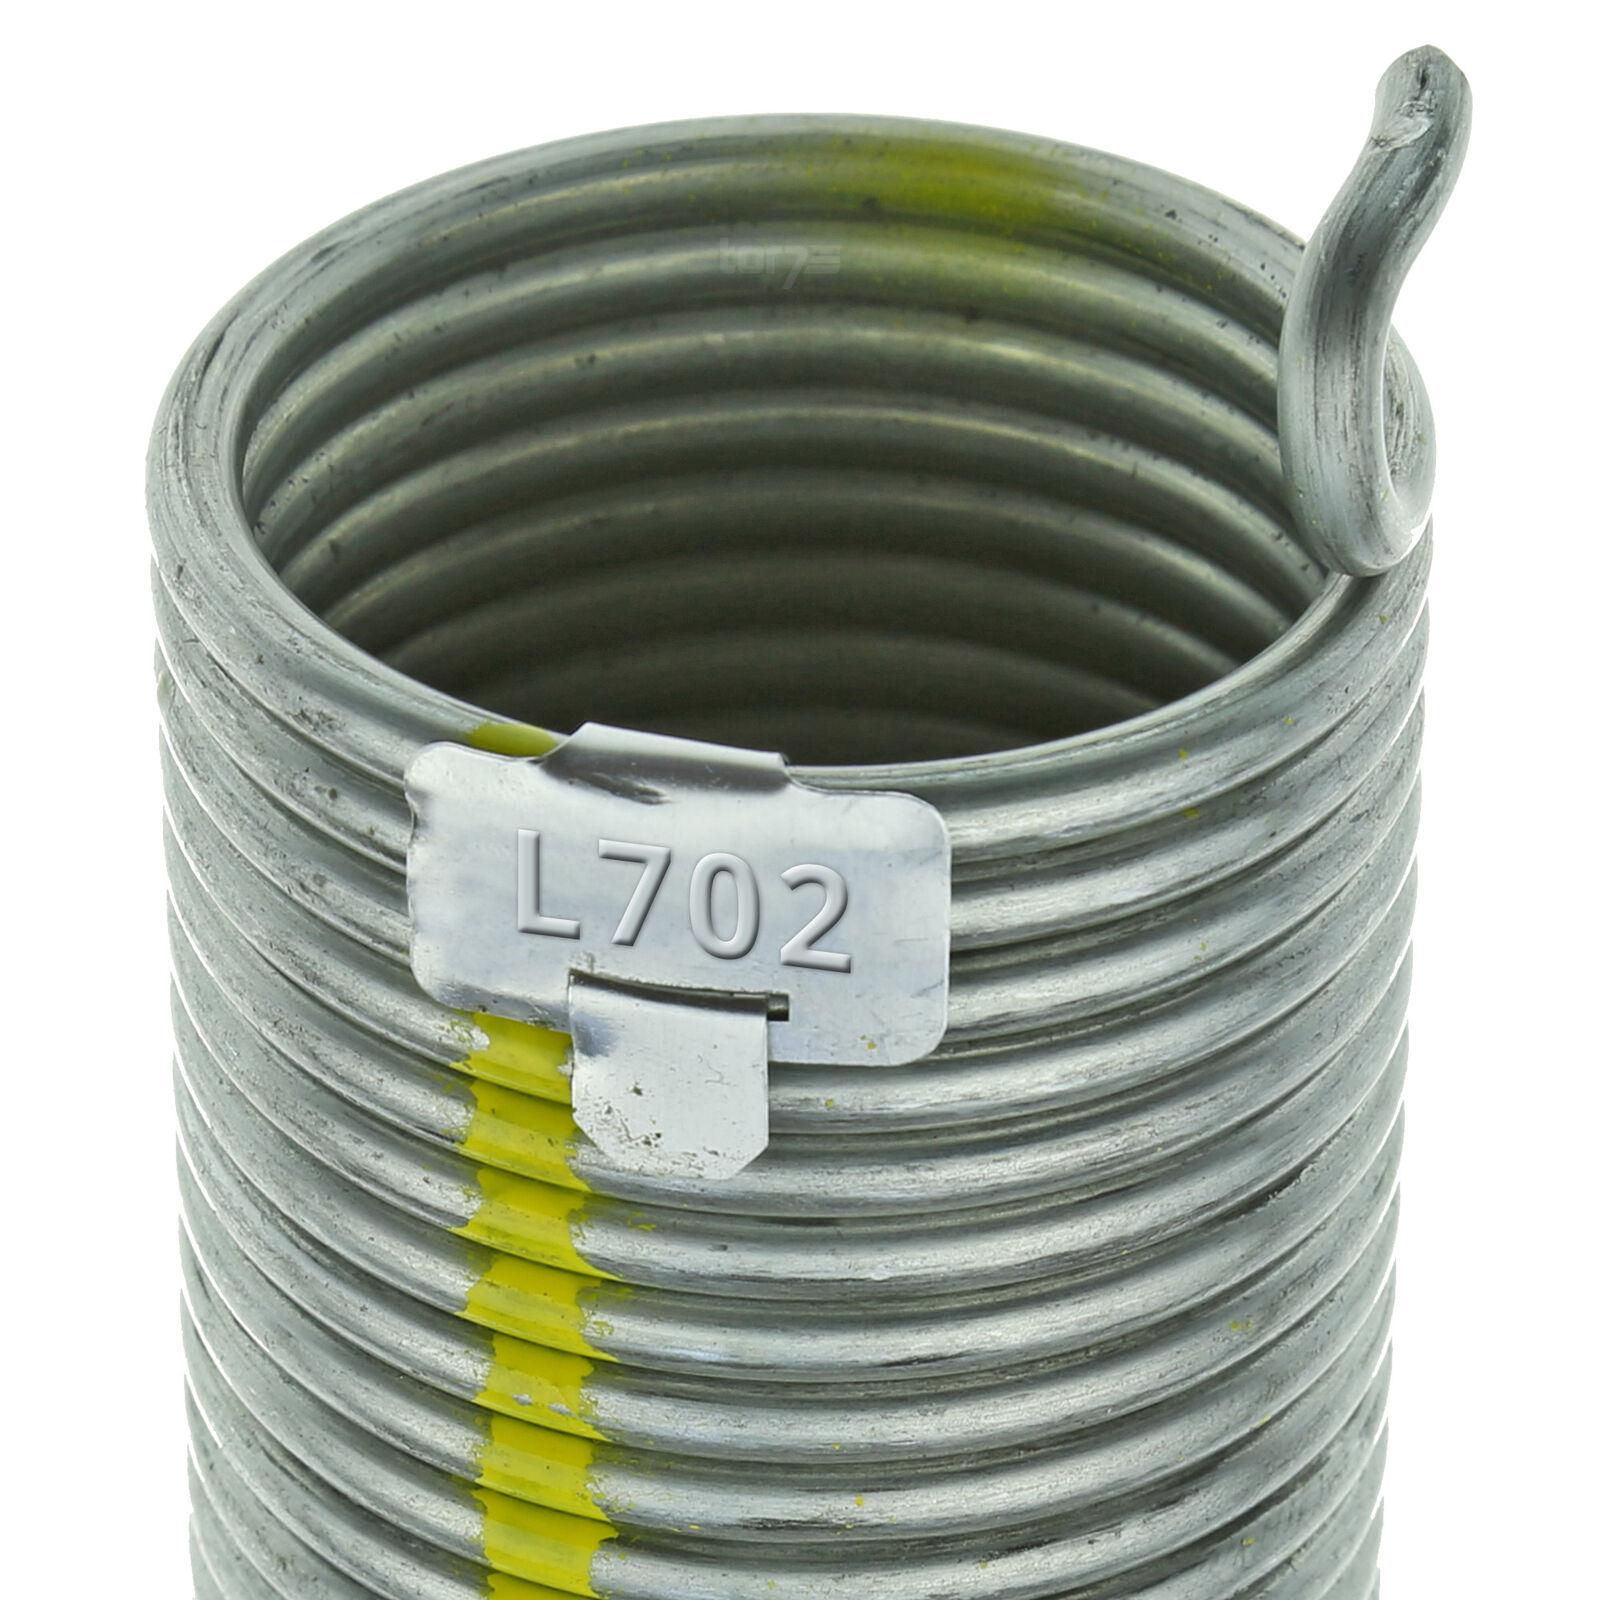 Hörmann Torsionsfeder L702   L21 original Hörmann Ersatzteil